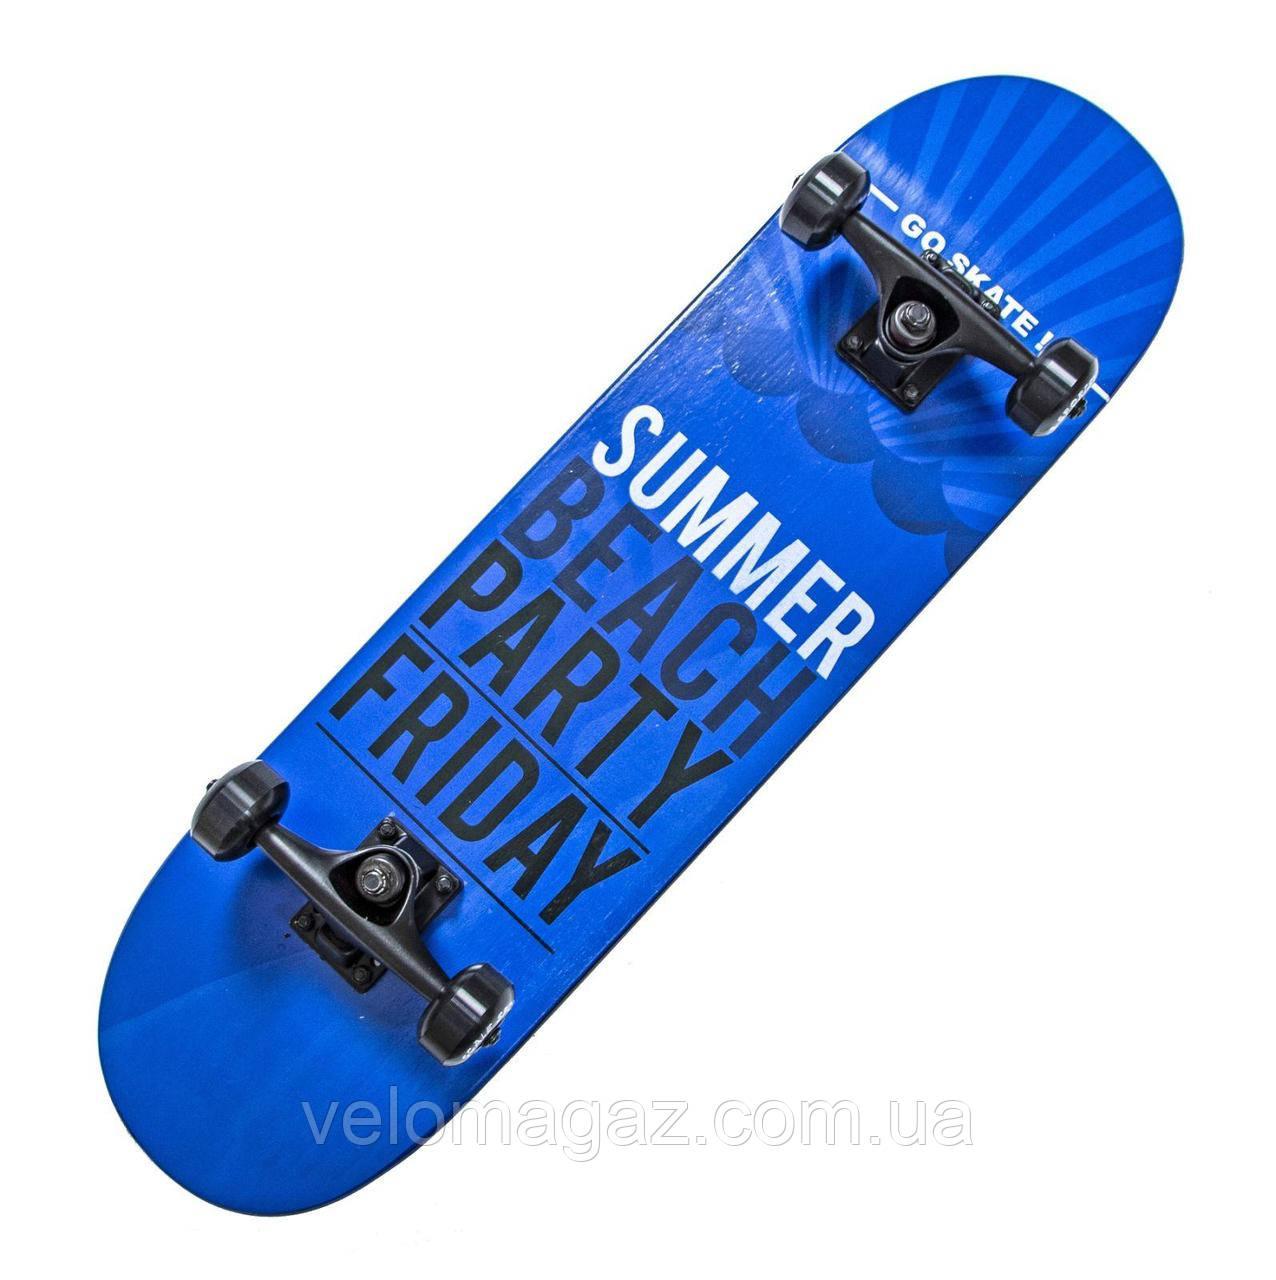 """Дерев'яний скейтборд """"Scale SUMMER Sports"""", чорний, 79*20 см"""